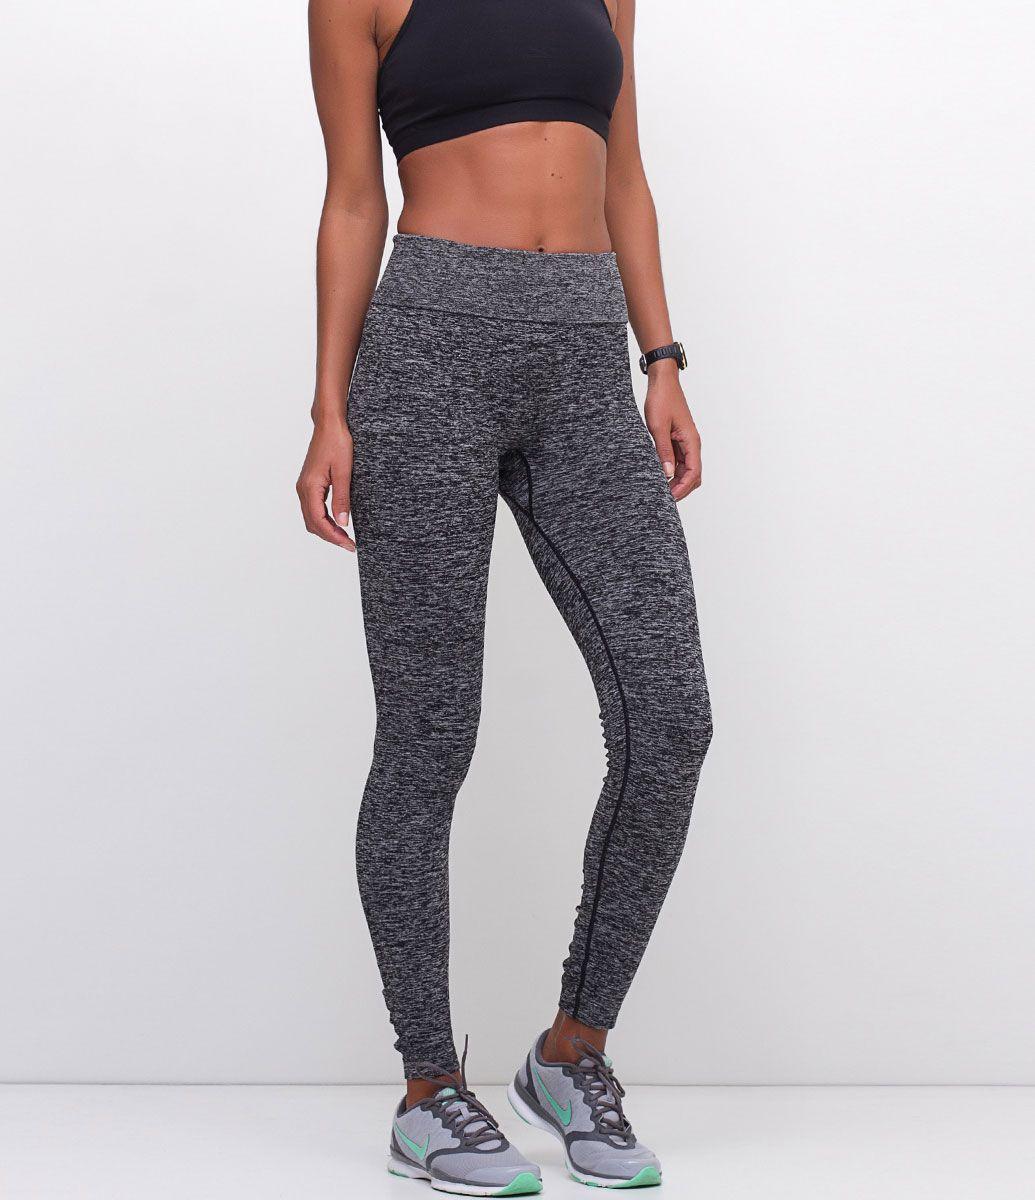 Calça feminina Modelo legging Sem costura Marca  Get Over Tecido  nylon  Composição  55 d470434f088